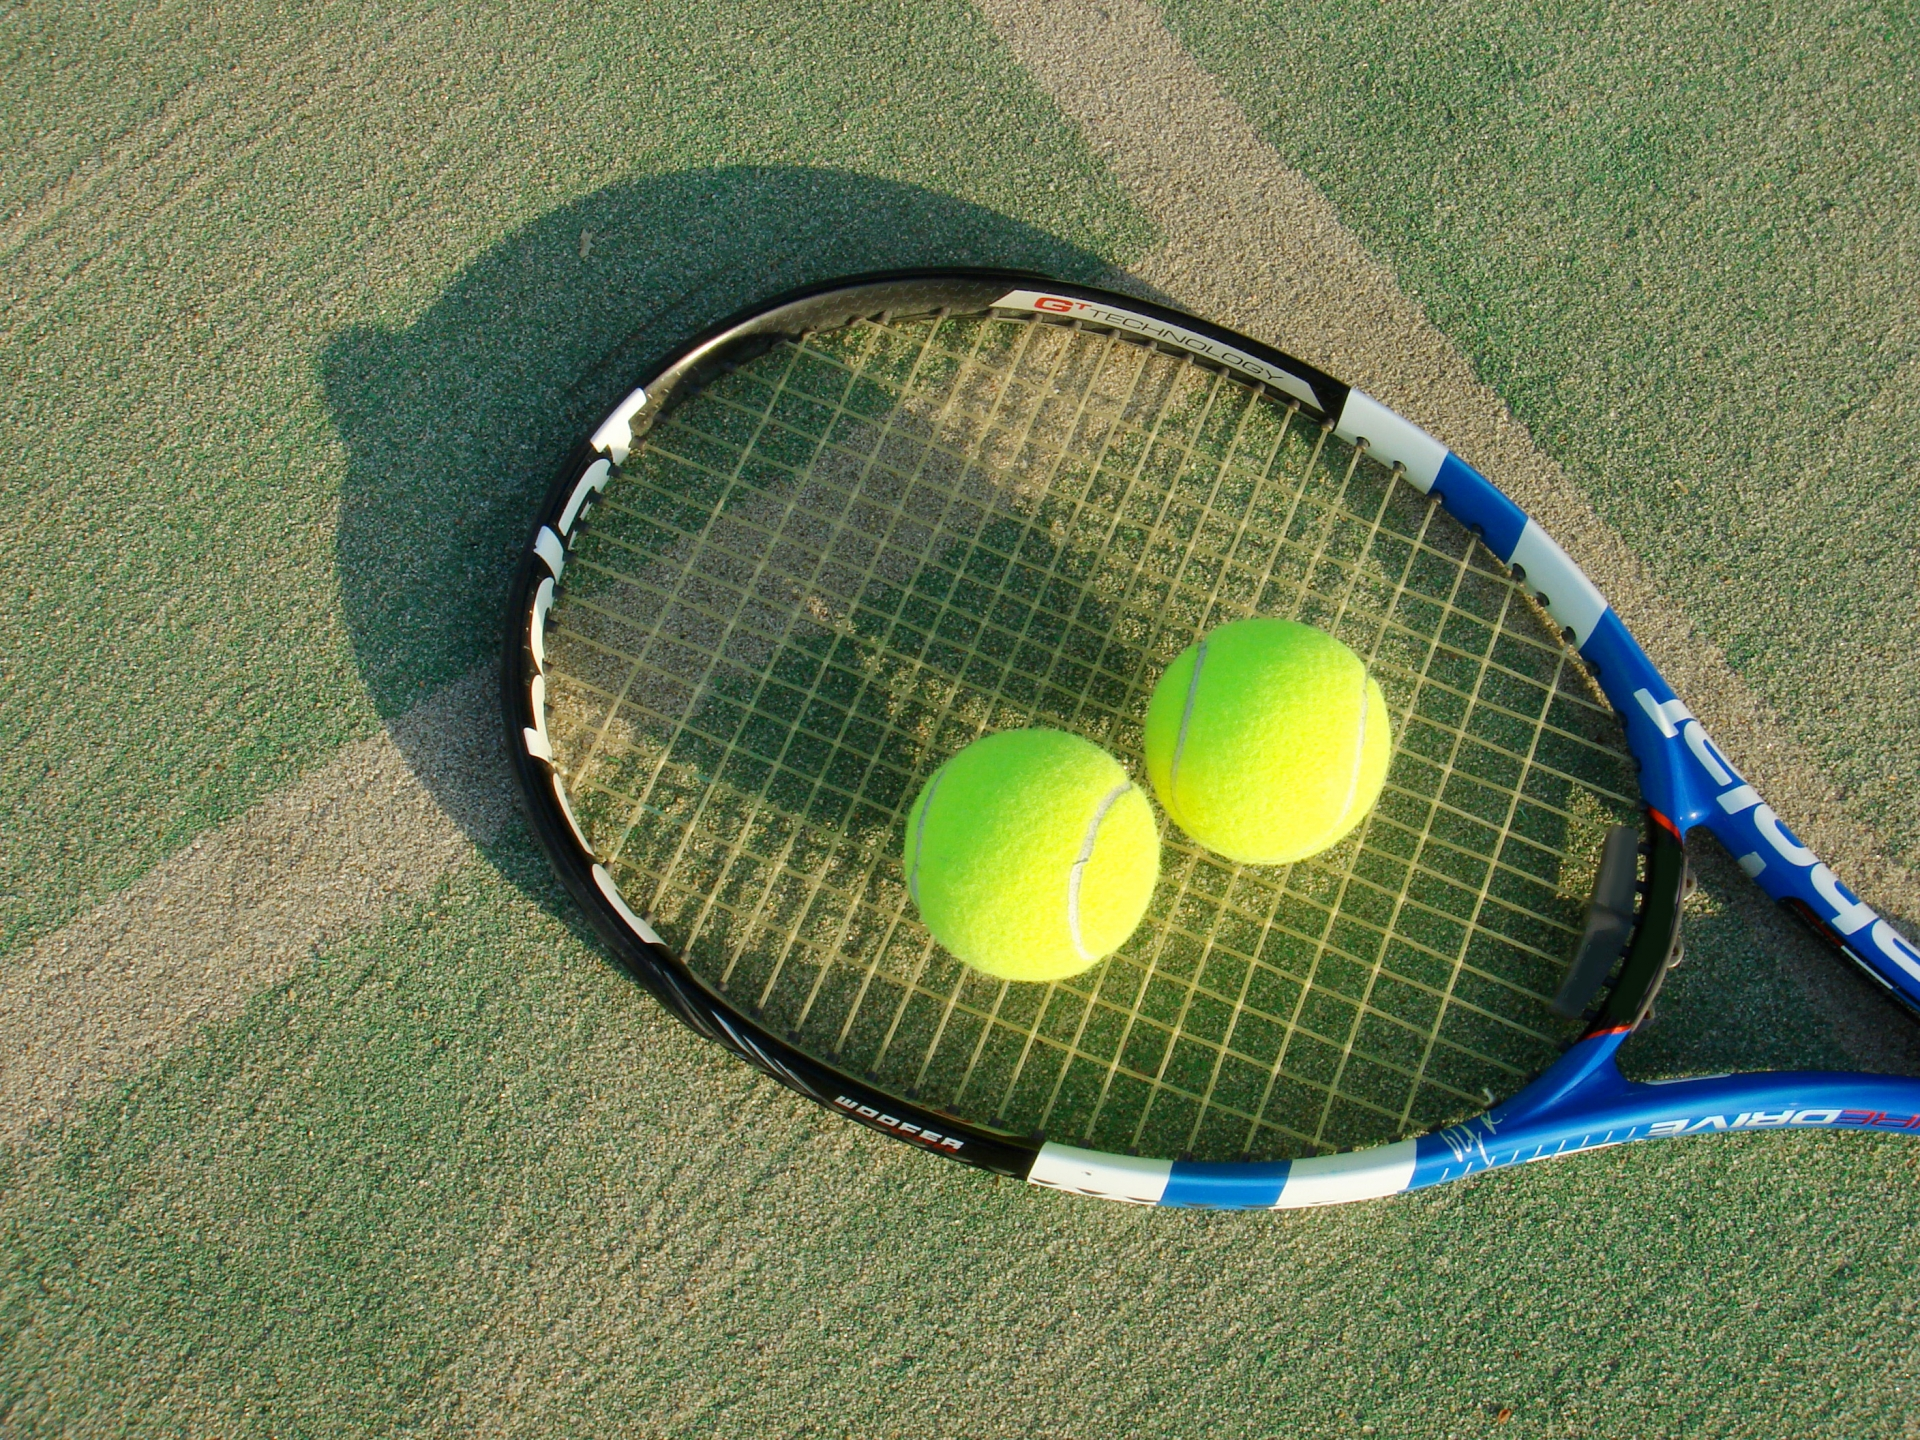 硬式テニスラケットのおすすめ10選!人気メーカーのウィルソンも